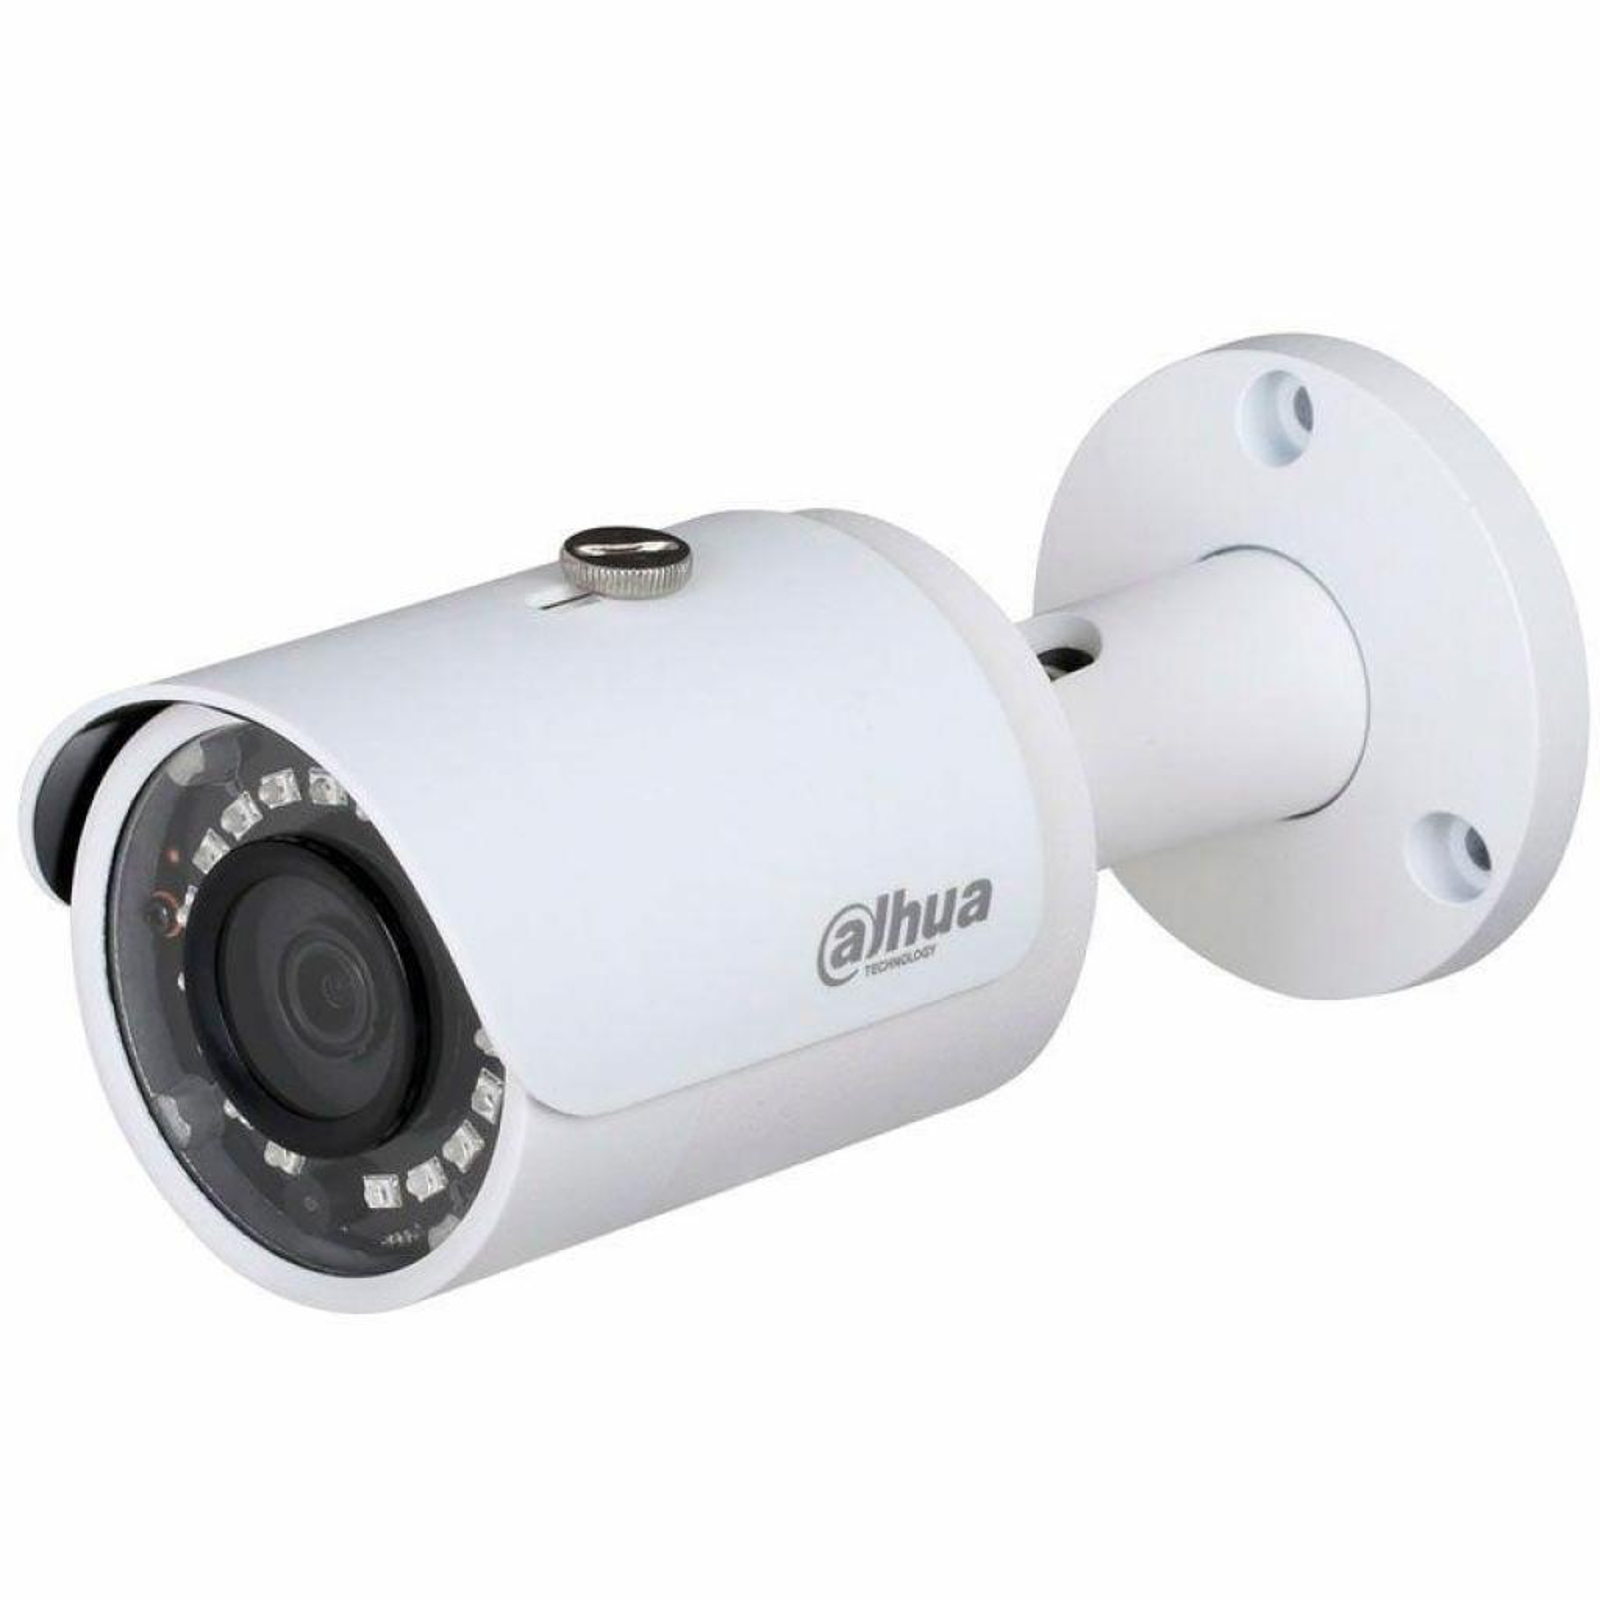 Камера видеонаблюдения Dahua DH-IPC-HFW1431SP (2.8)